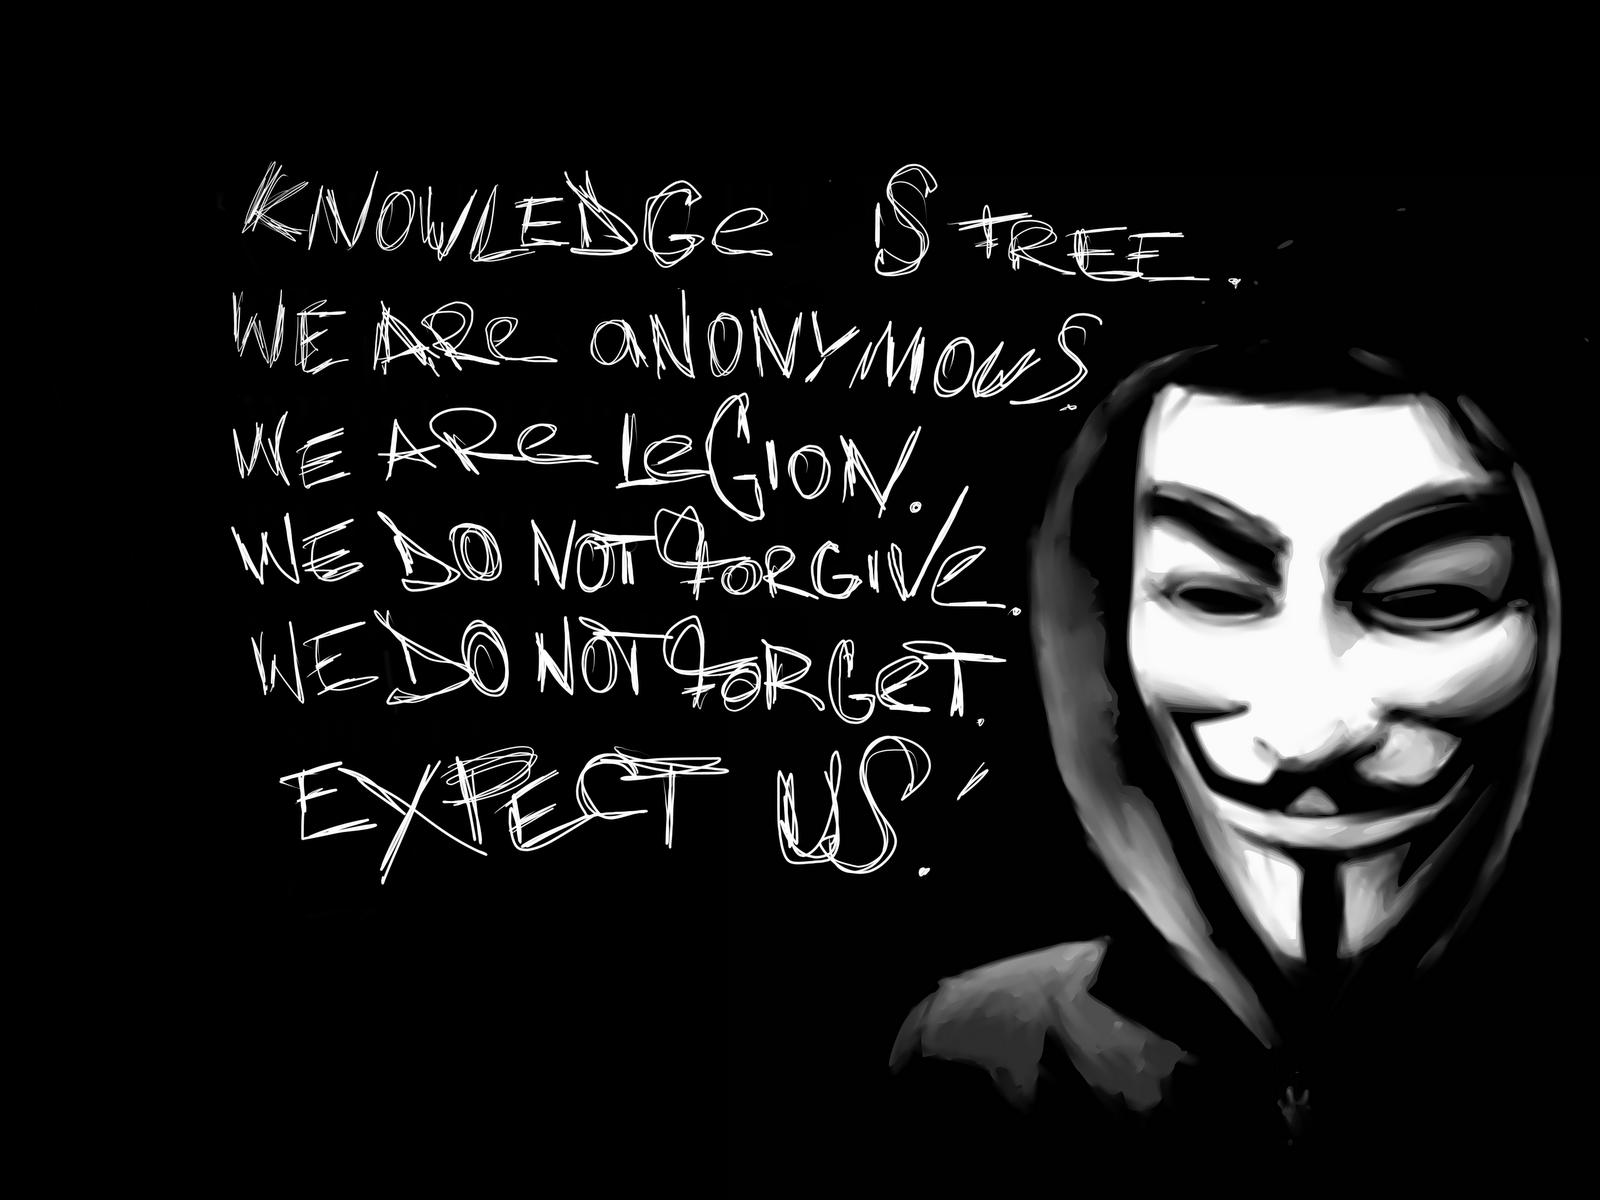 http://1.bp.blogspot.com/-ncUW0yImgY0/T4Y5fD5KsjI/AAAAAAAAAD4/nwmoWKYAldI/s1600/anonymous_wallpaper_by_ipott.png